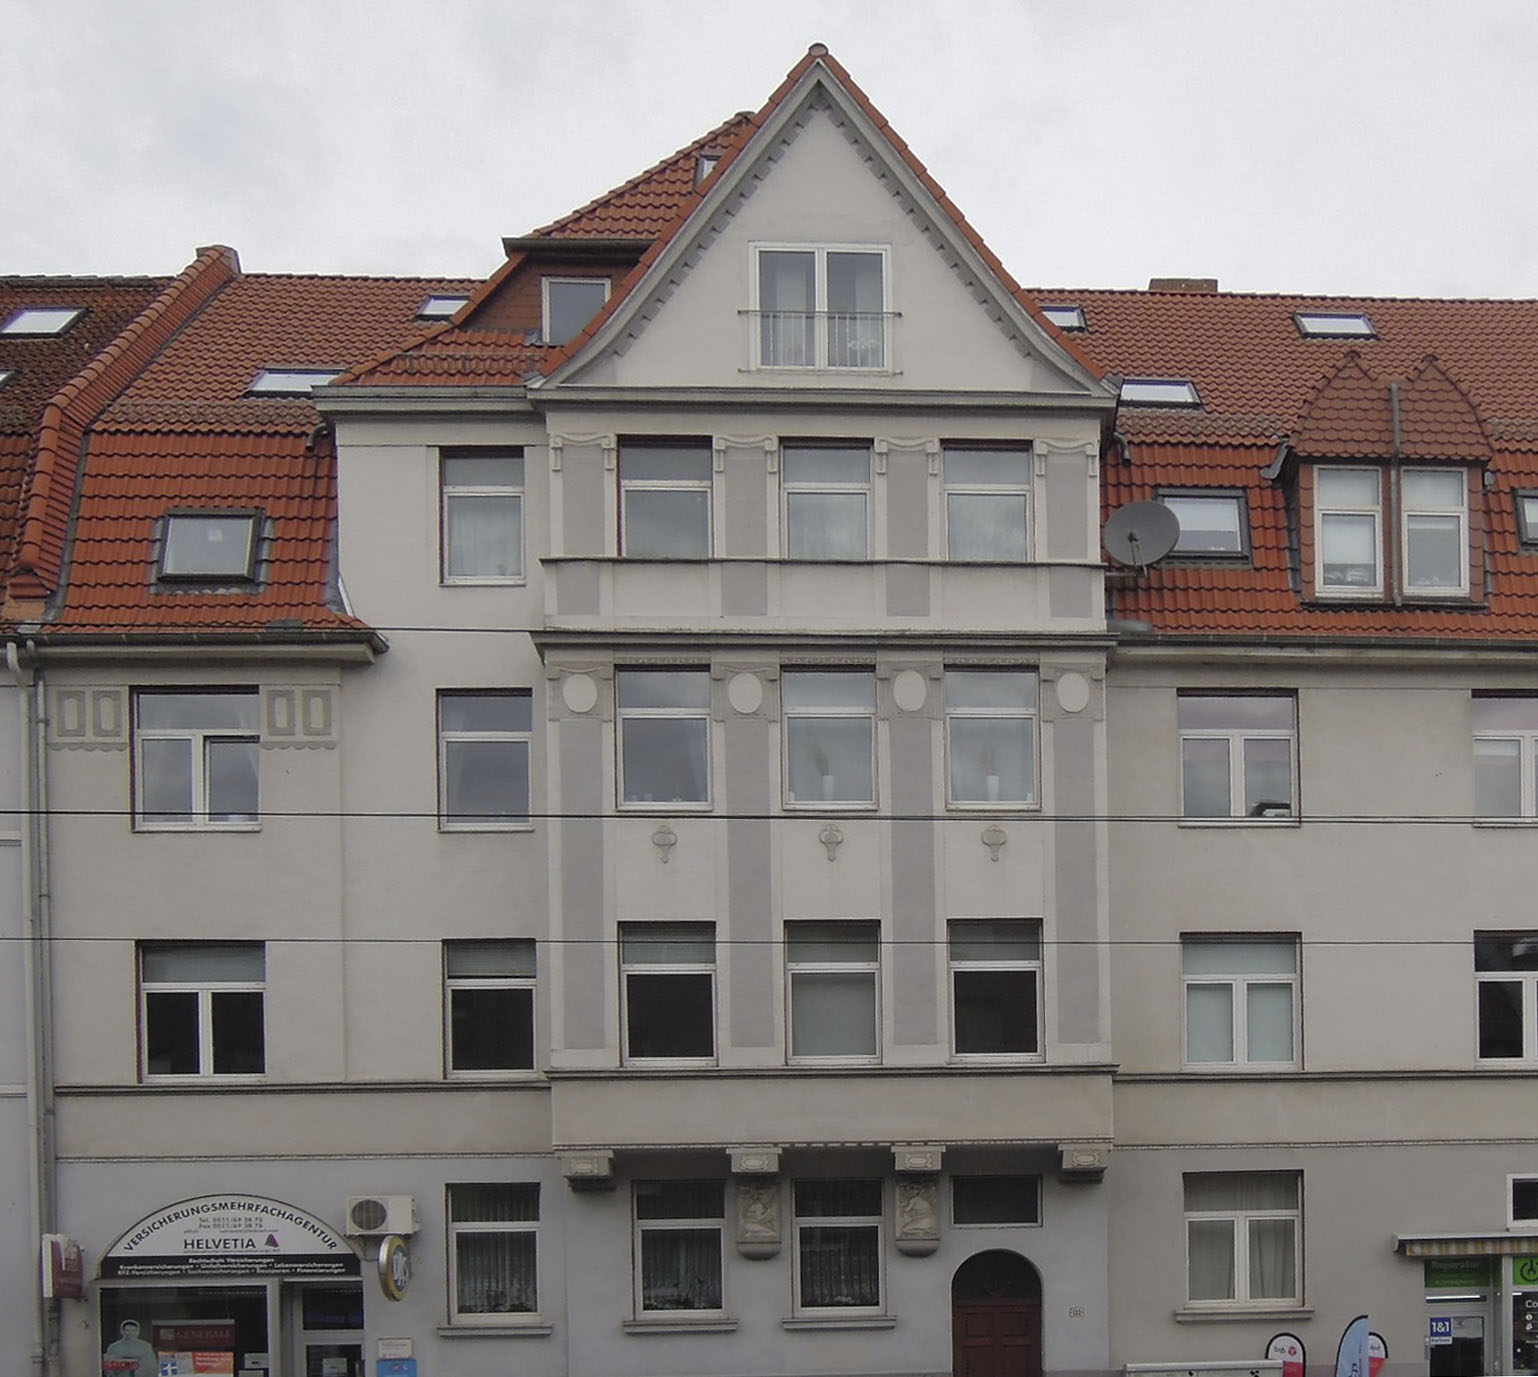 herrschaftlich wohnen am pelikan viertel in hannover. Black Bedroom Furniture Sets. Home Design Ideas